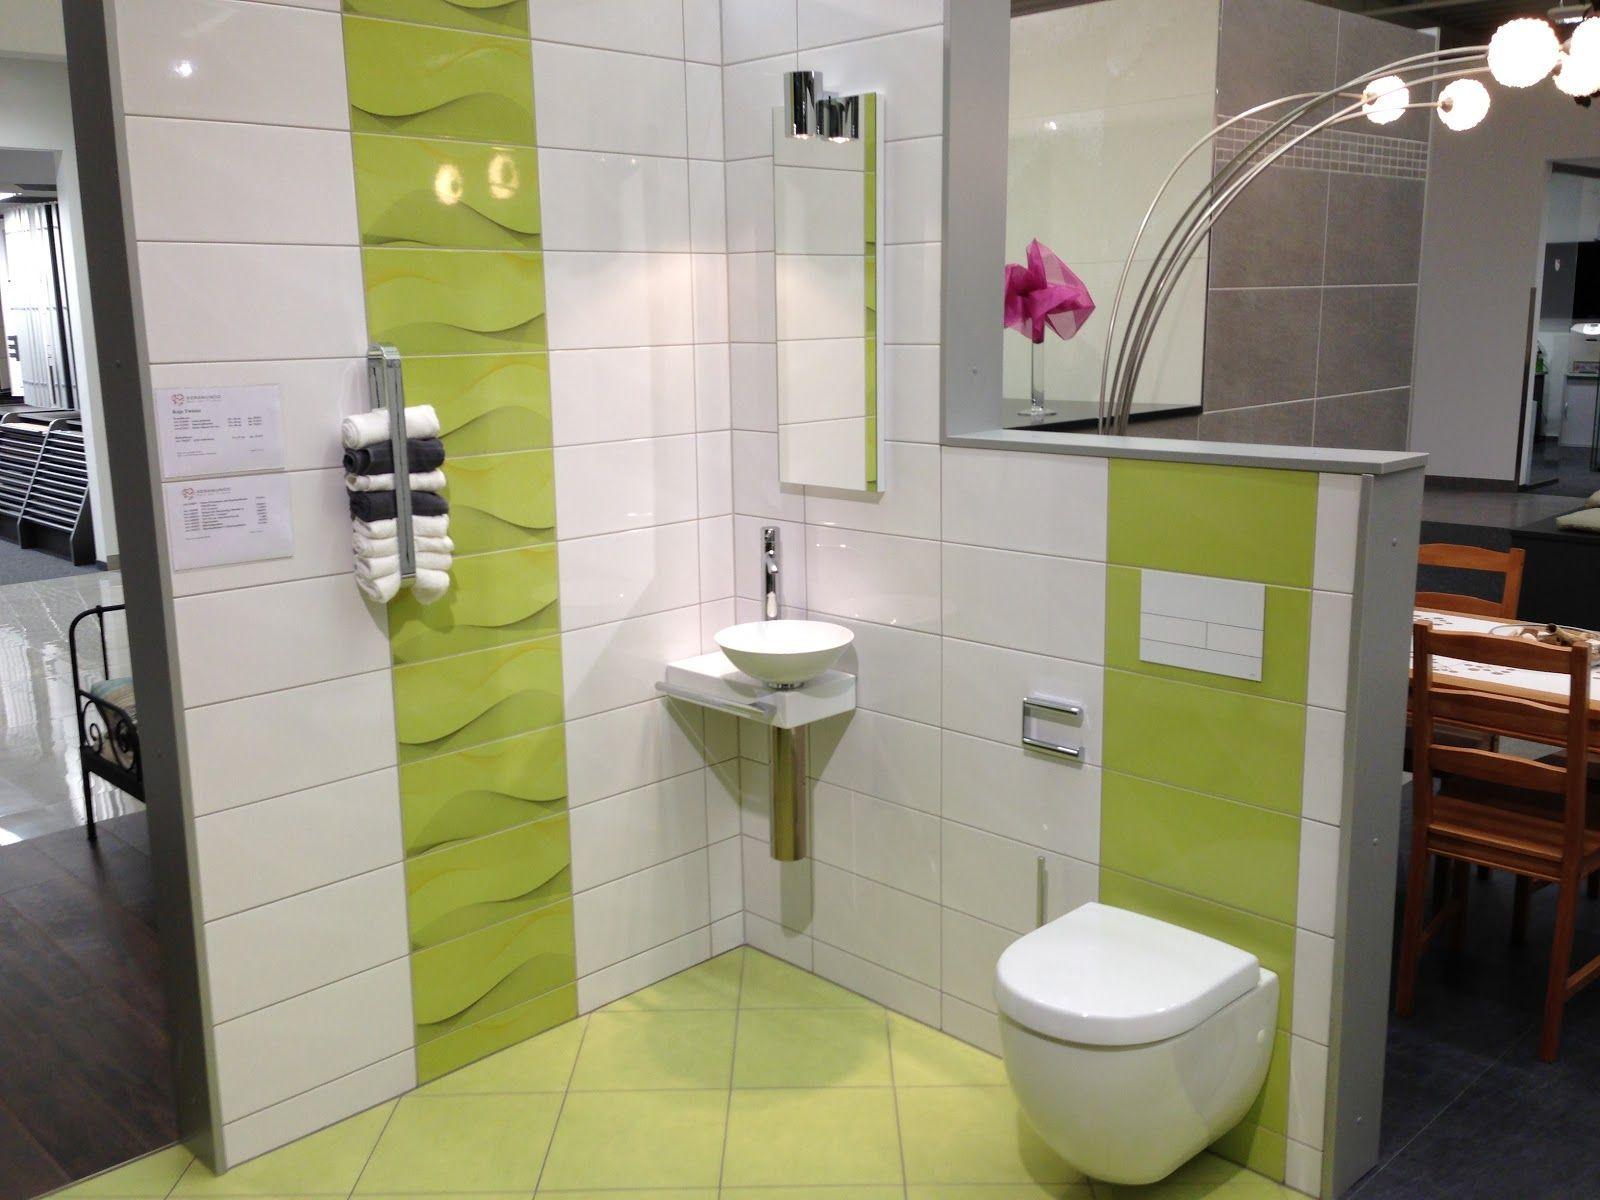 Delightful Attraktive Dekoration Badezimmer Ideen Fur Kleine Bader #8: Badezimmerfliesen Für Kleine Bäder Badezimmer Pinterest